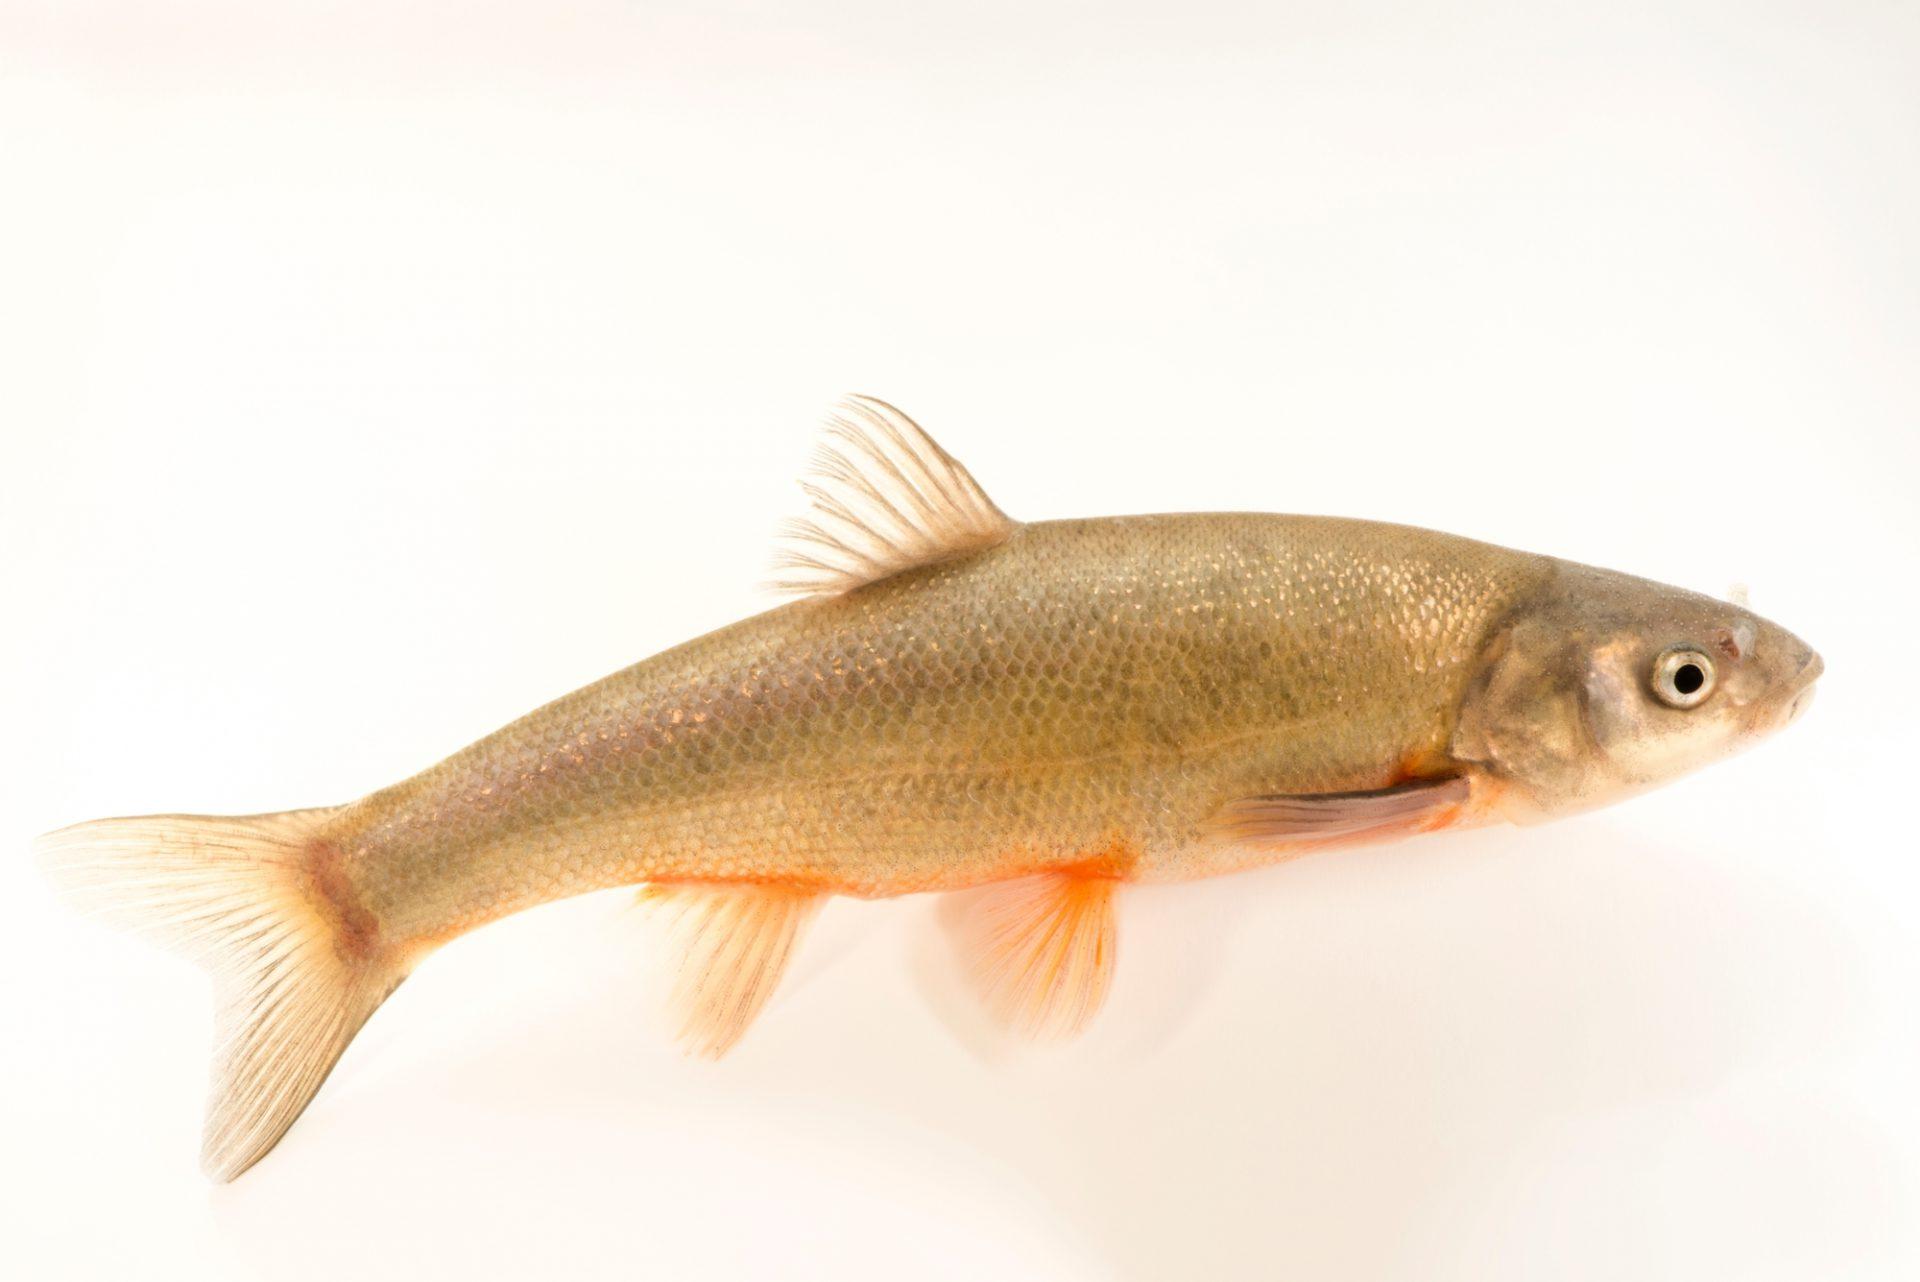 Photo: Rio Grande chub (Gila pandora) at the Albuquerque BioPark Aquarium.